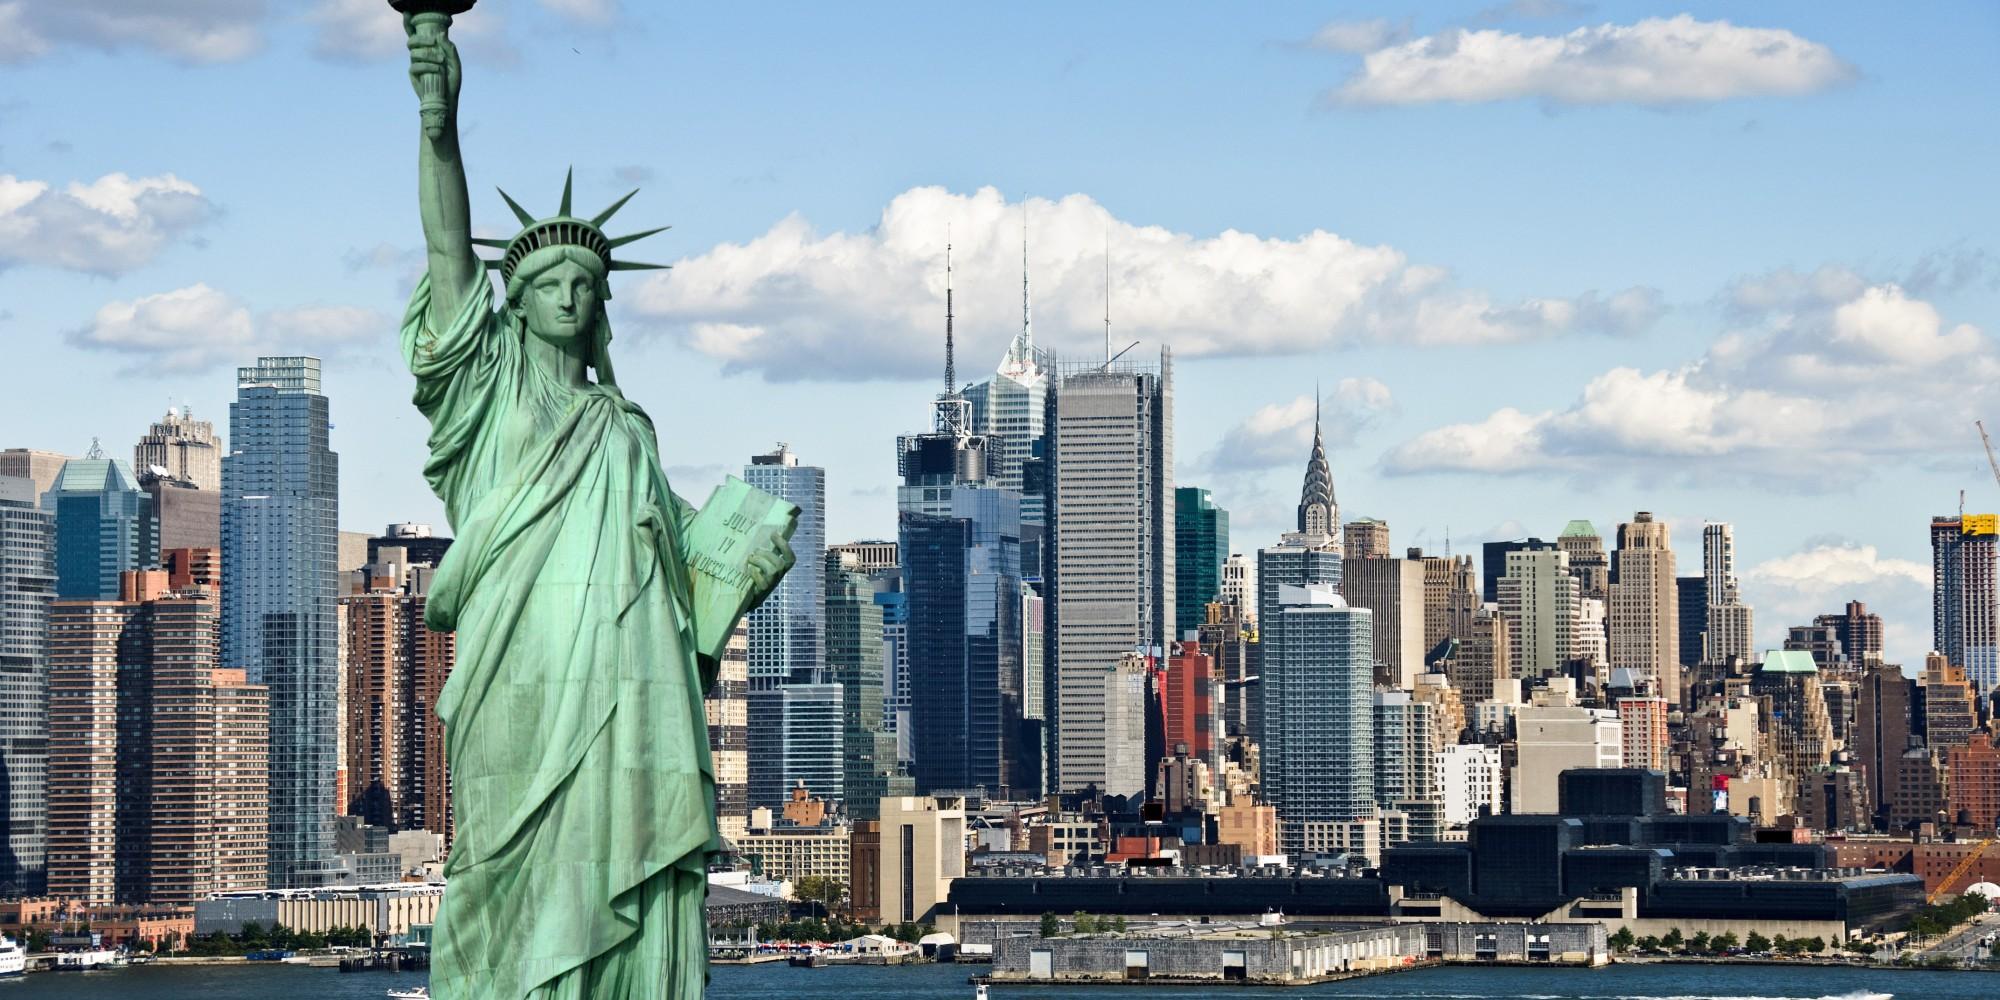 Информации опострадавших при атаке вНью-Йорке россиянах нет— Генконсульство Российской Федерации